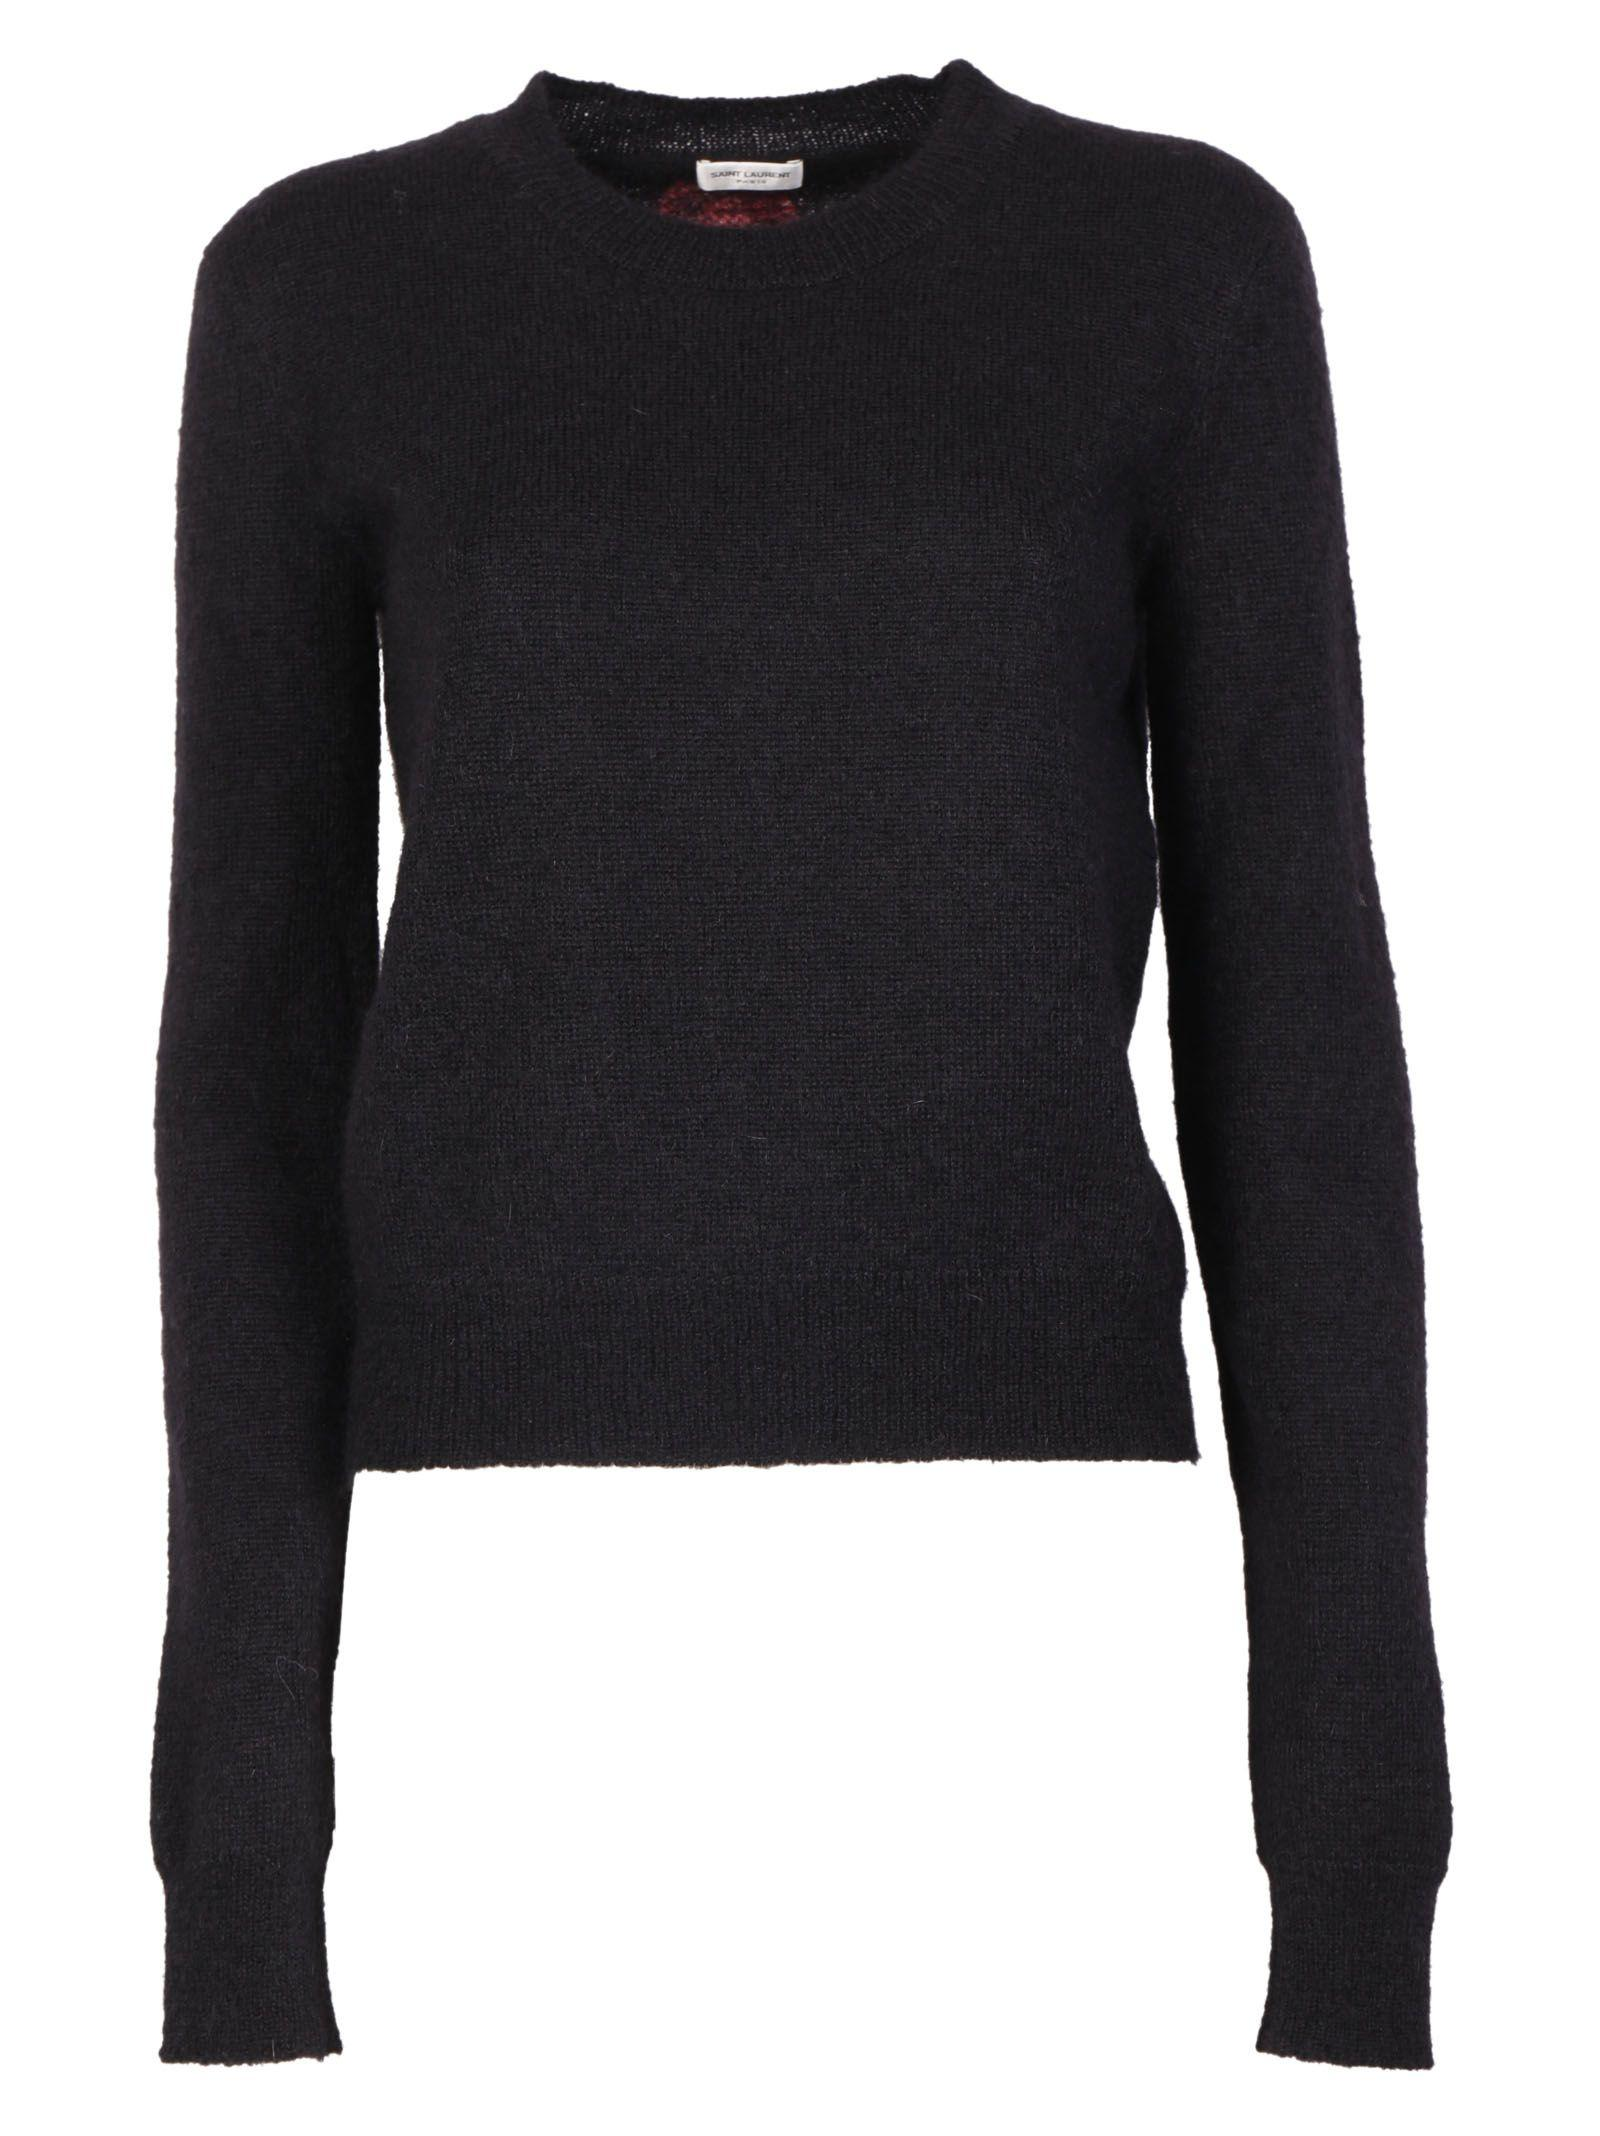 Saint Laurent Knitwear In Noir-framboise